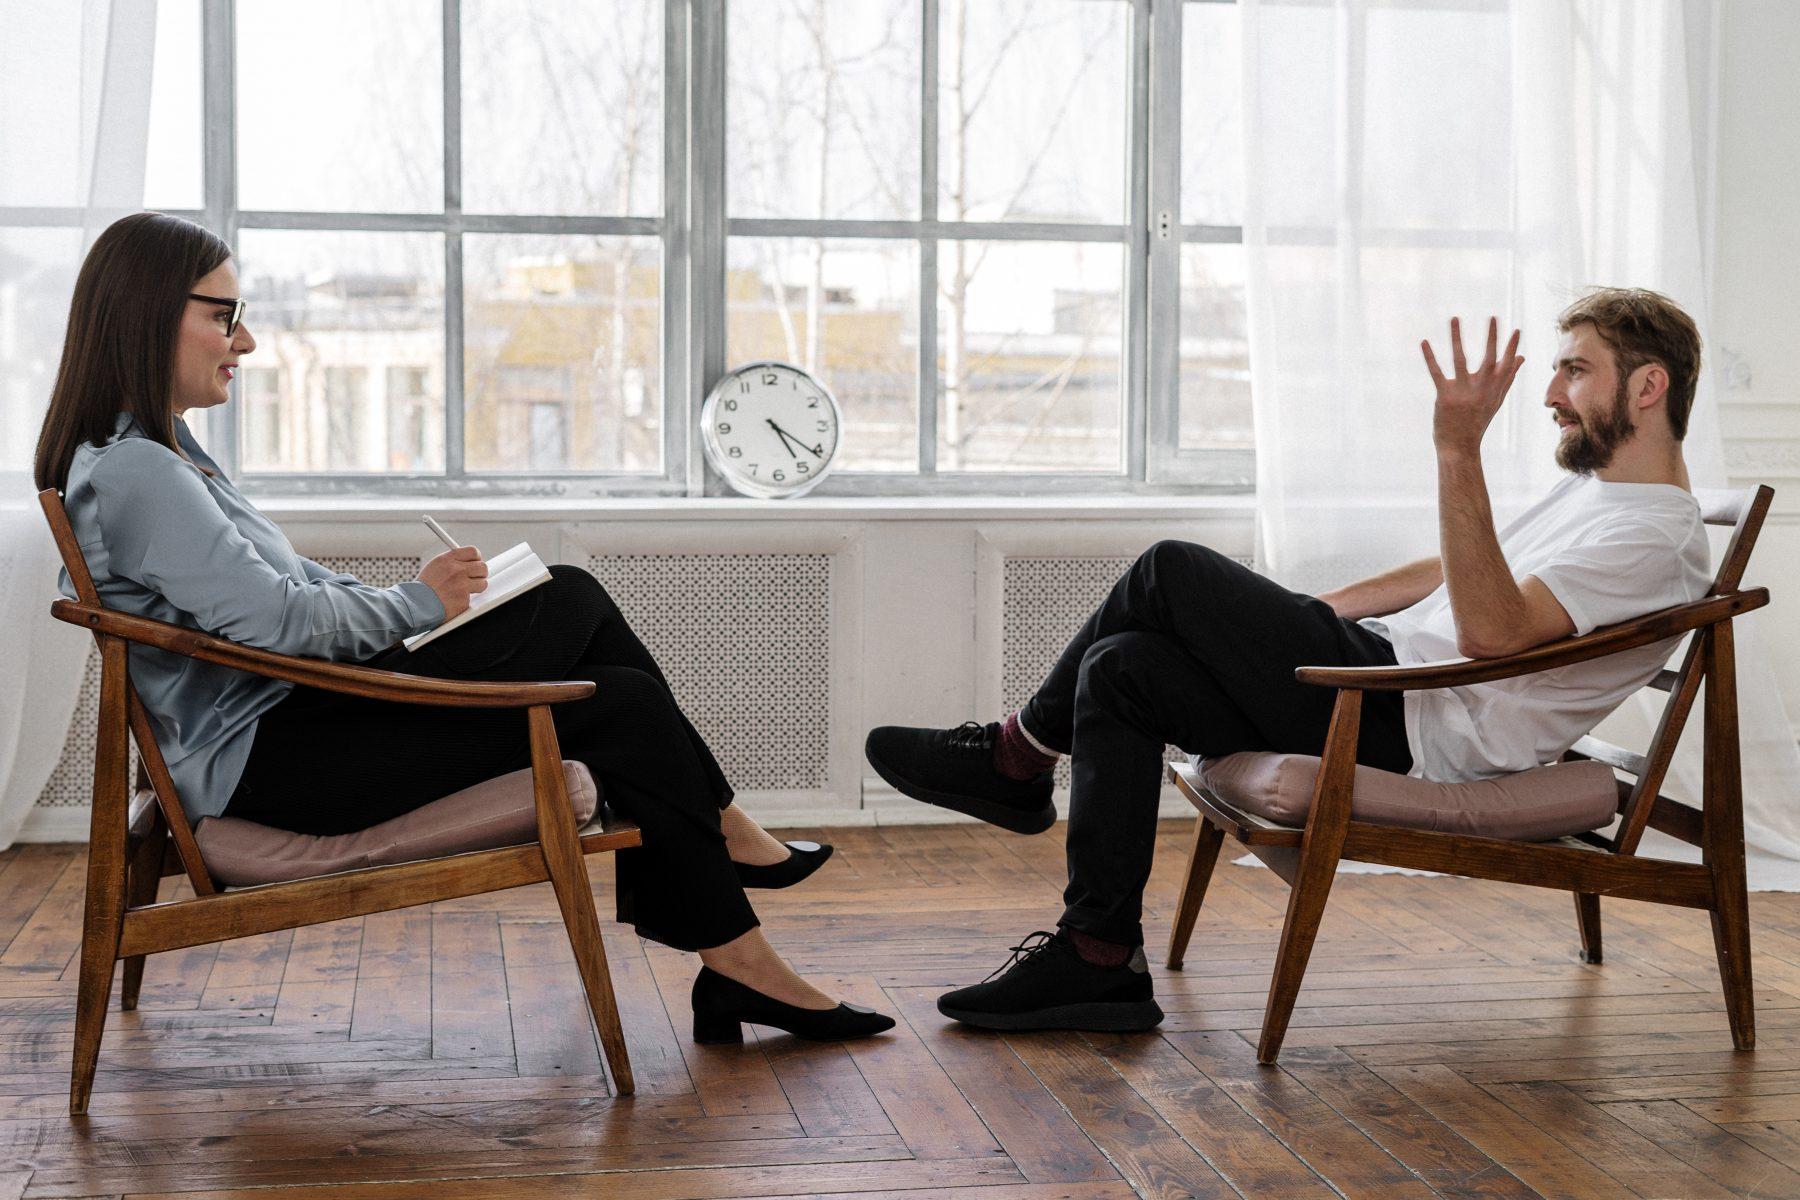 Zwei Personen sitzen sich auf einem Stuhl gegenüber und unterhalten sich.